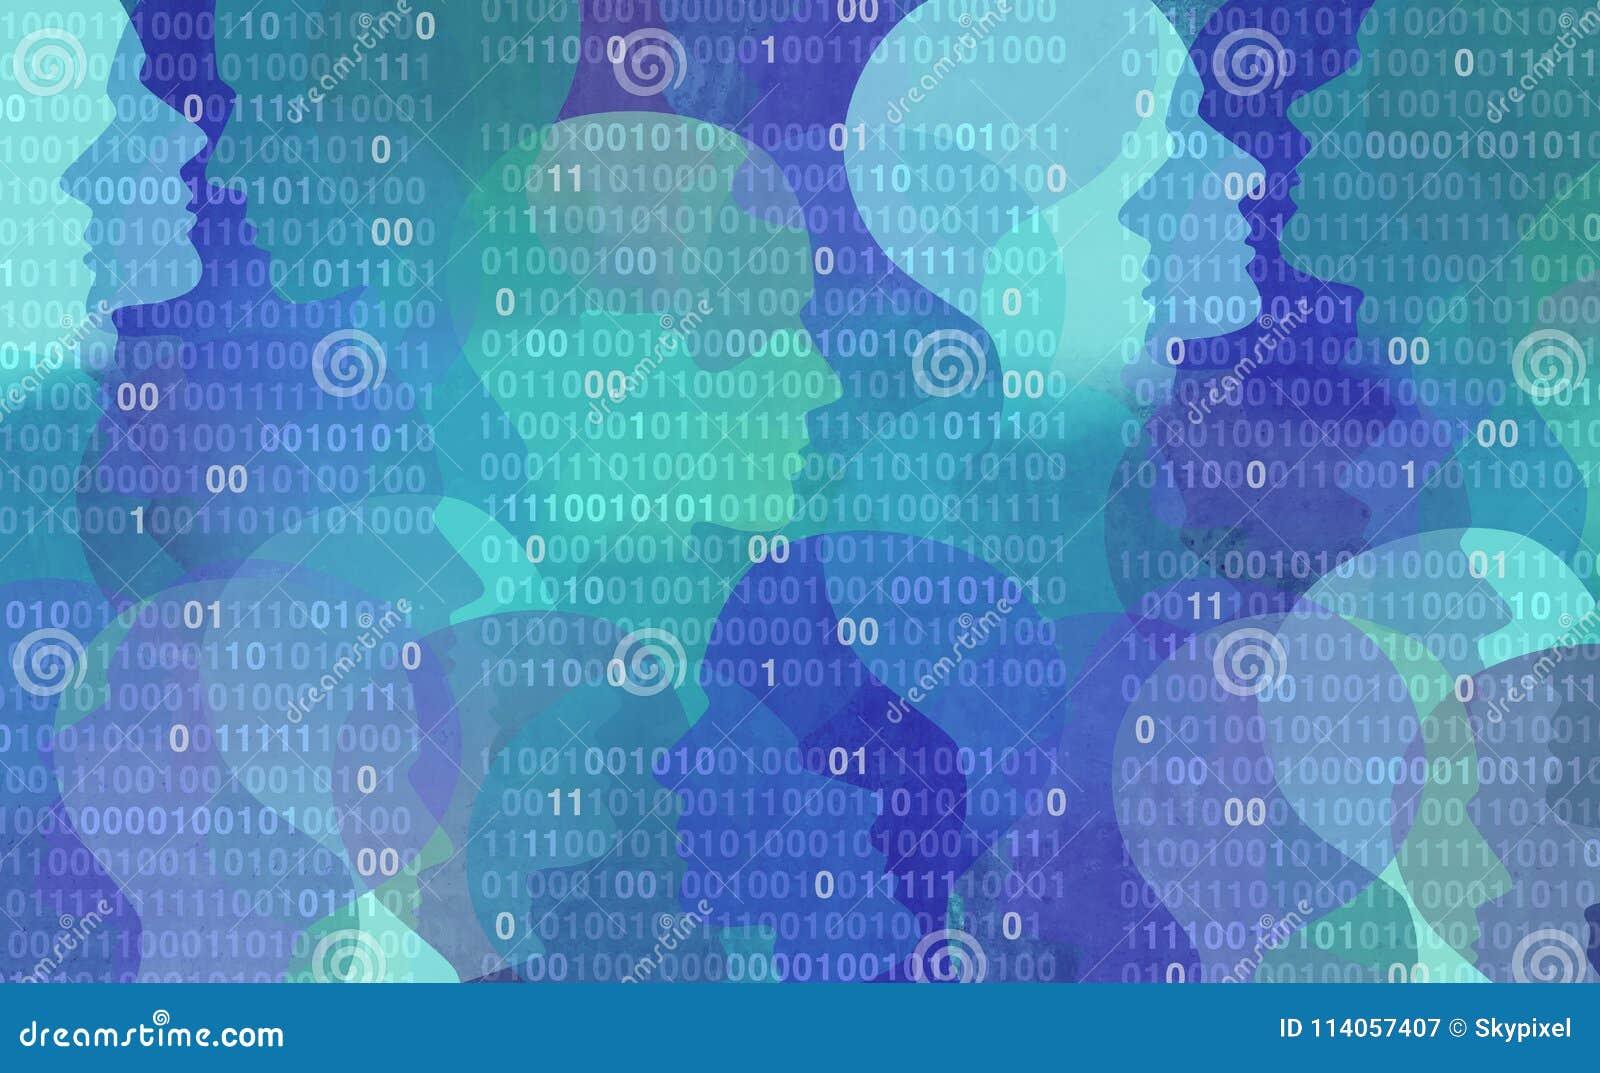 用户数据保密性